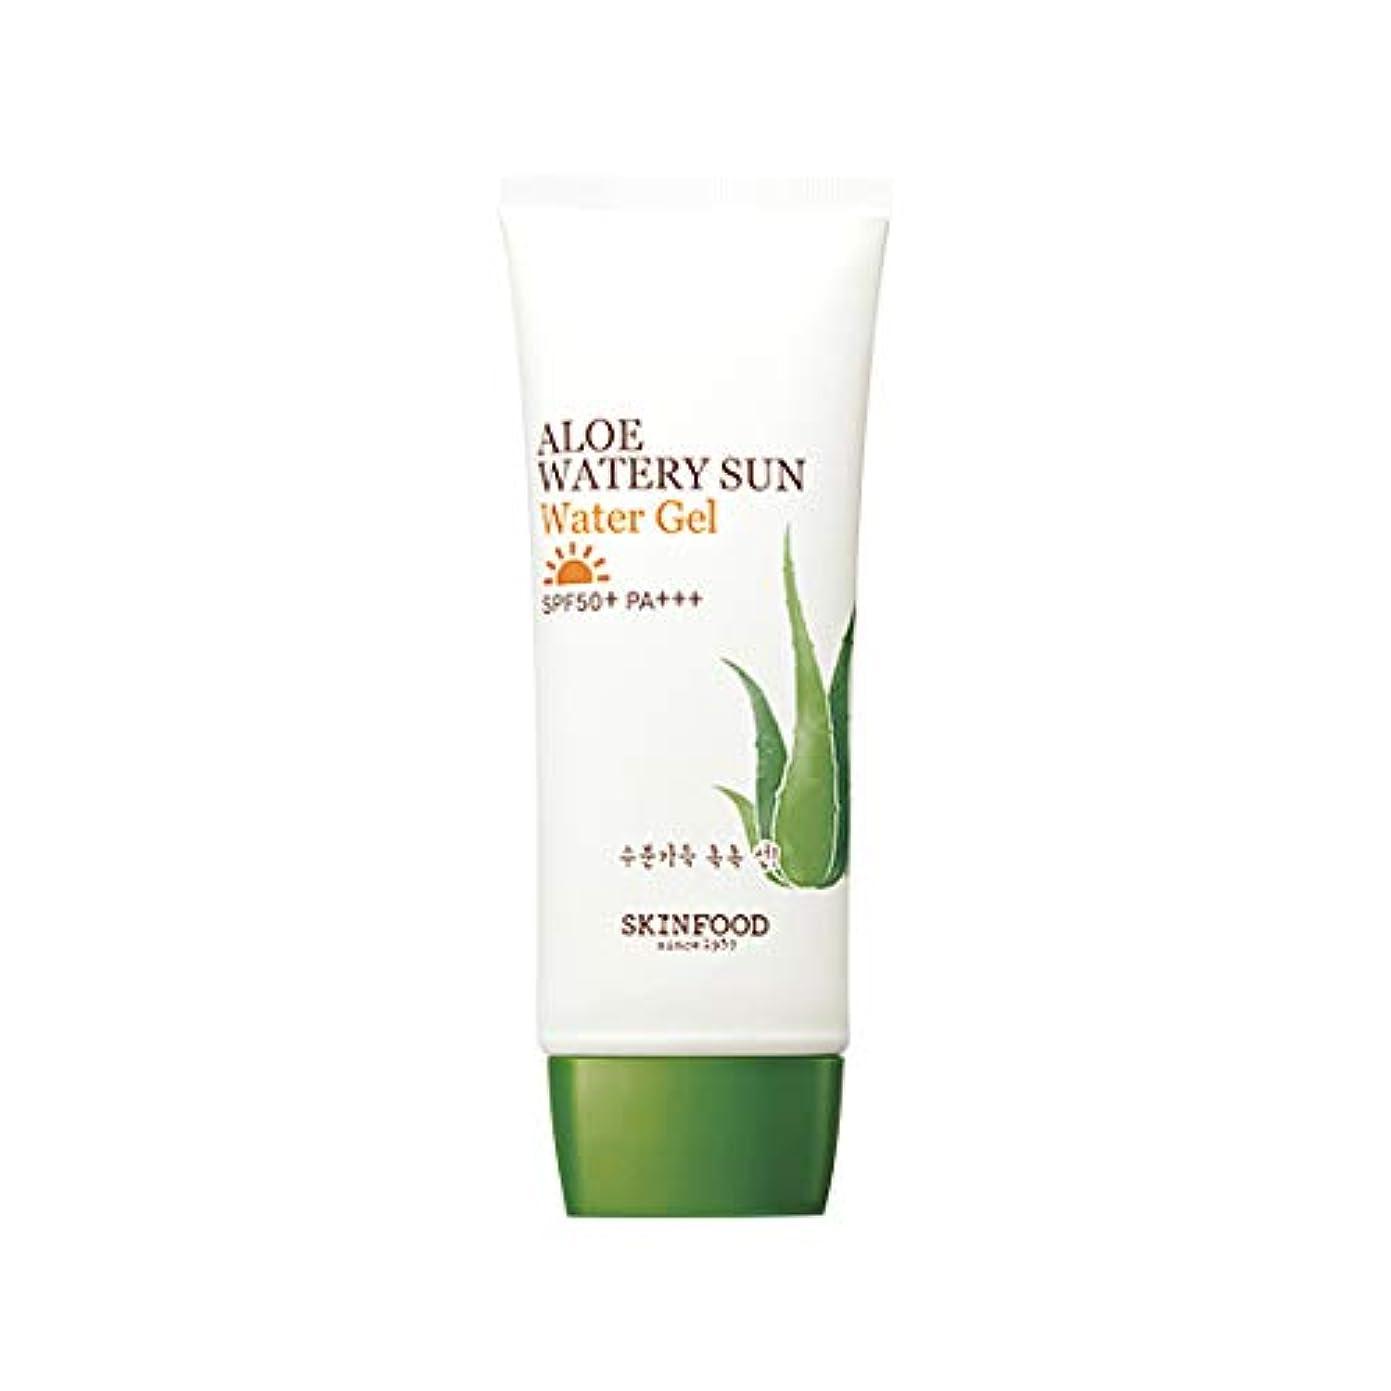 期限笑天窓Skinfood アロエウォーターサンジェルSPF50 + PA +++ / Aloe Watery Sun Water Gel SPF50+ PA+++ 50ml [並行輸入品]